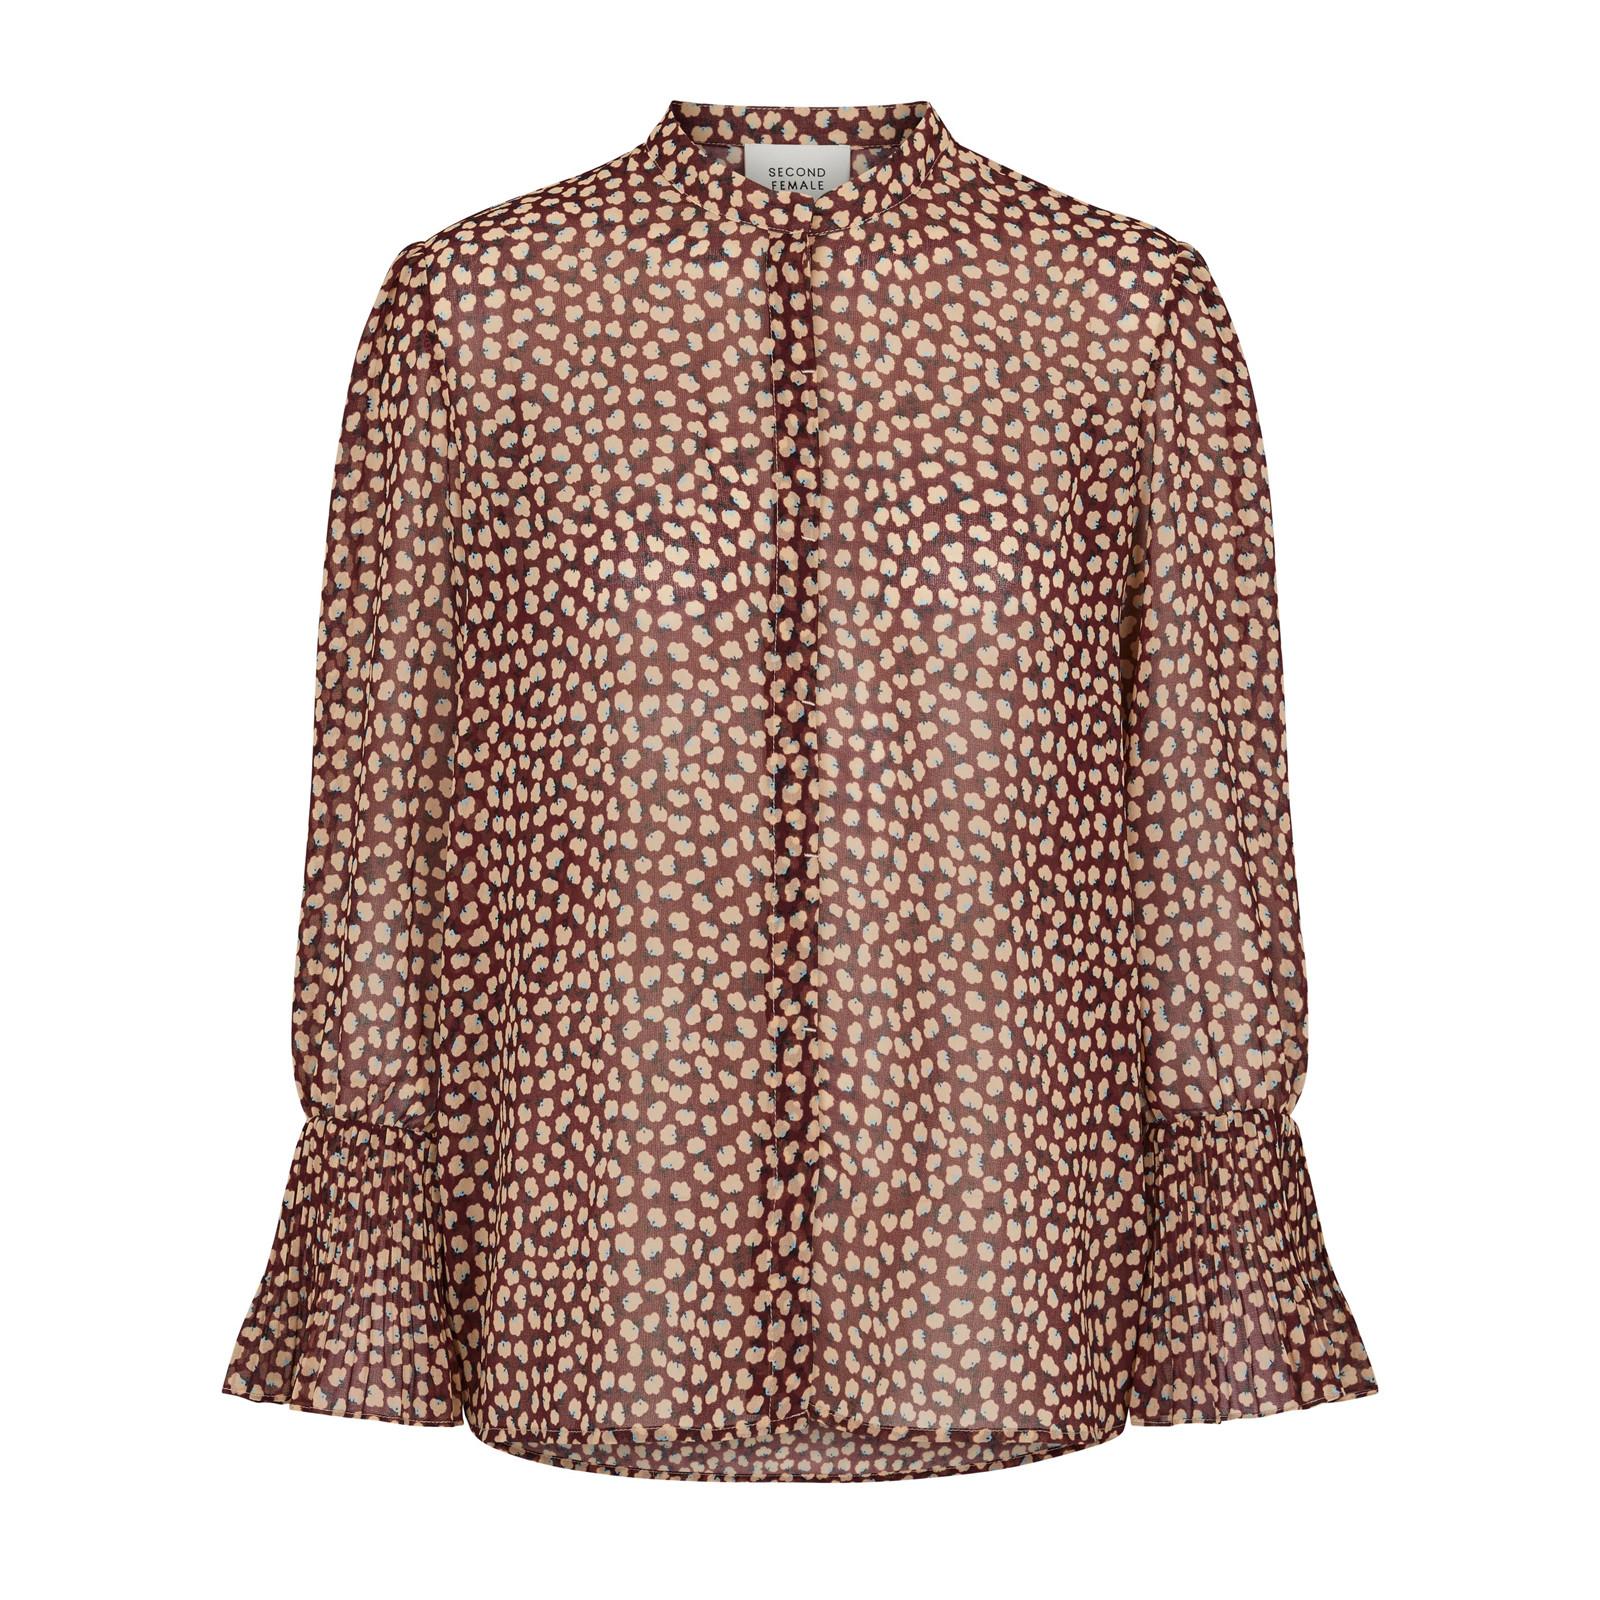 a3c4c7fb354 Skjorte   Stort udvalg af skjorter til kvalitetsbevidste kvinder